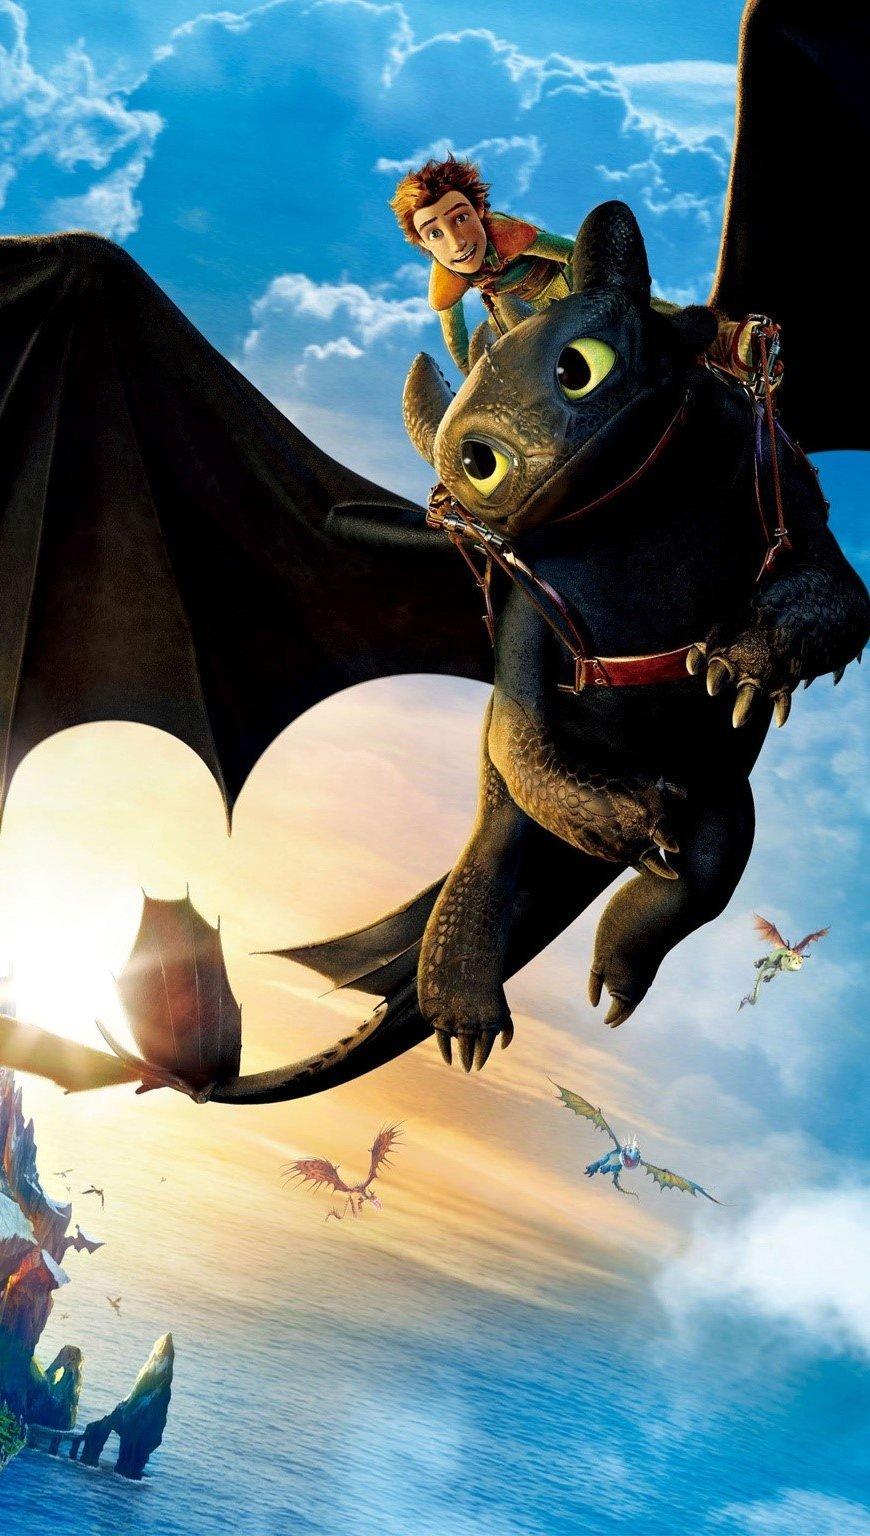 Fondos de pantalla Cómo entrenar a tu dragón Vertical